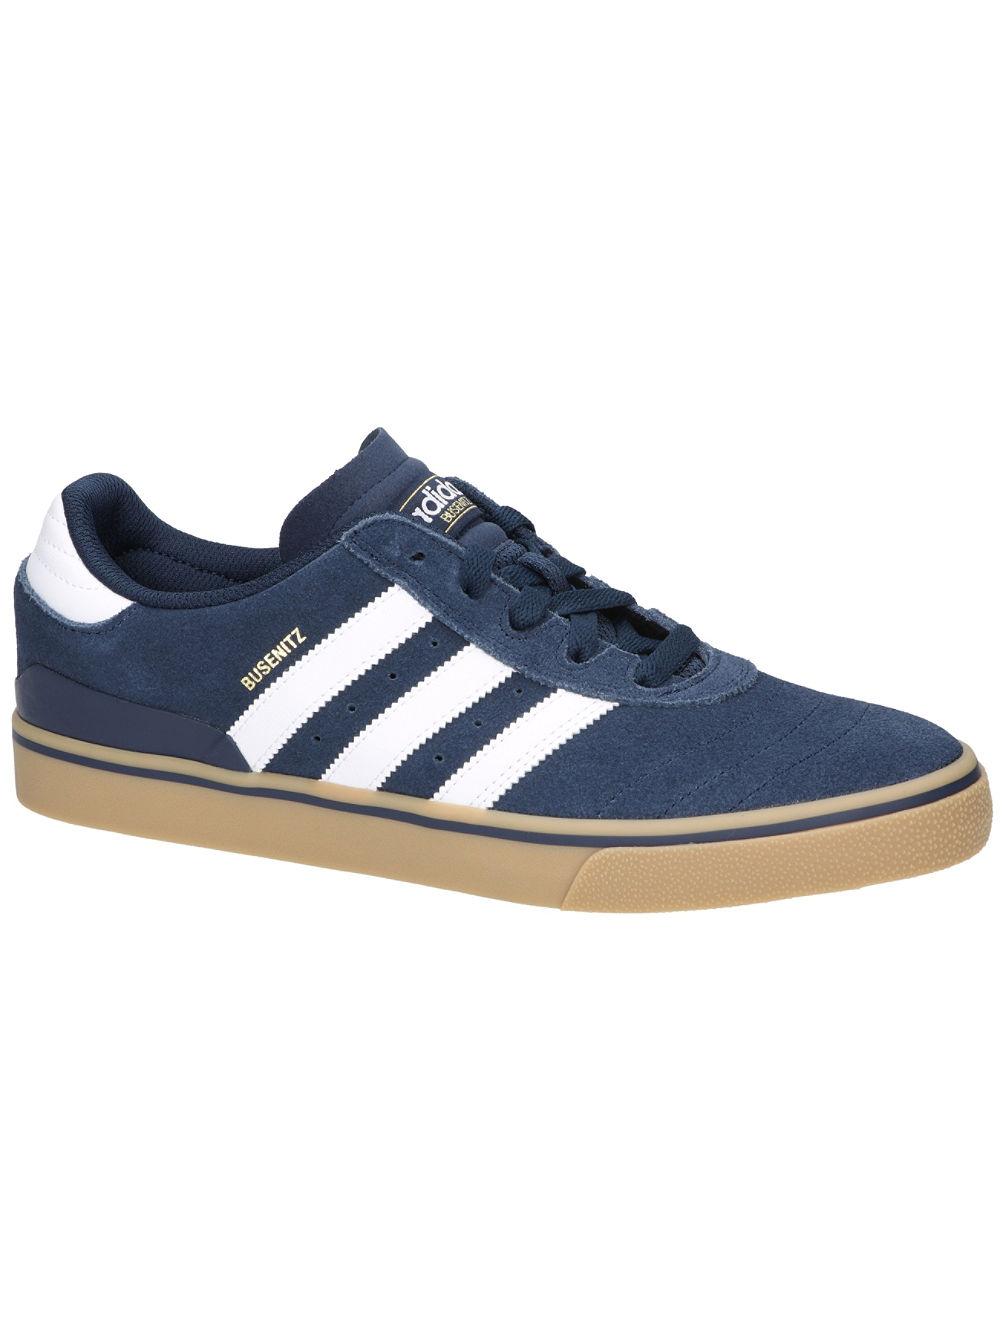 Blue Adidas Skate Shoes